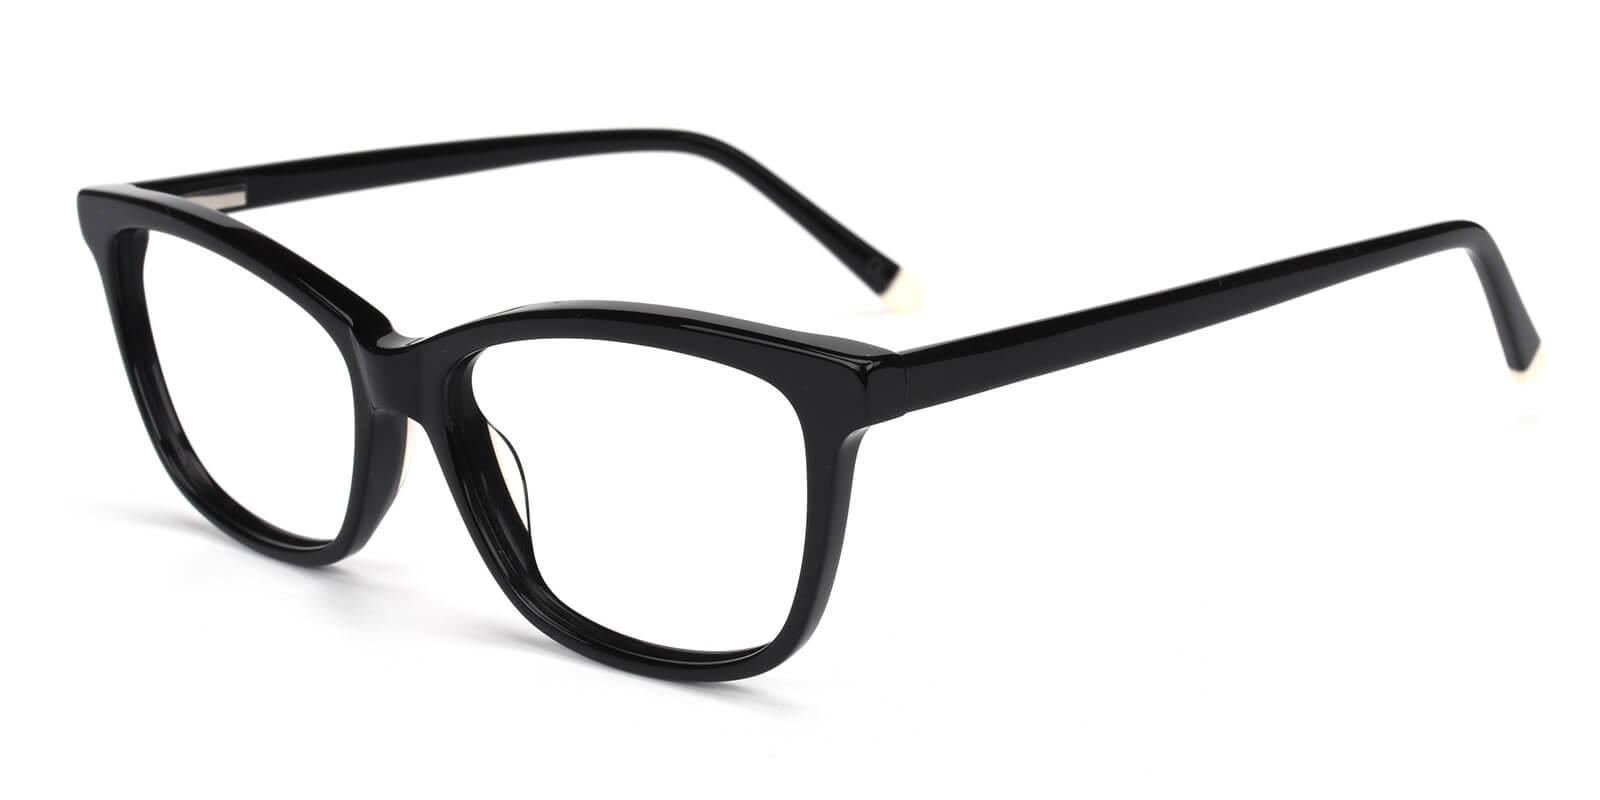 Clowdia-Black-Square / Cat-Acetate-Eyeglasses-additional1